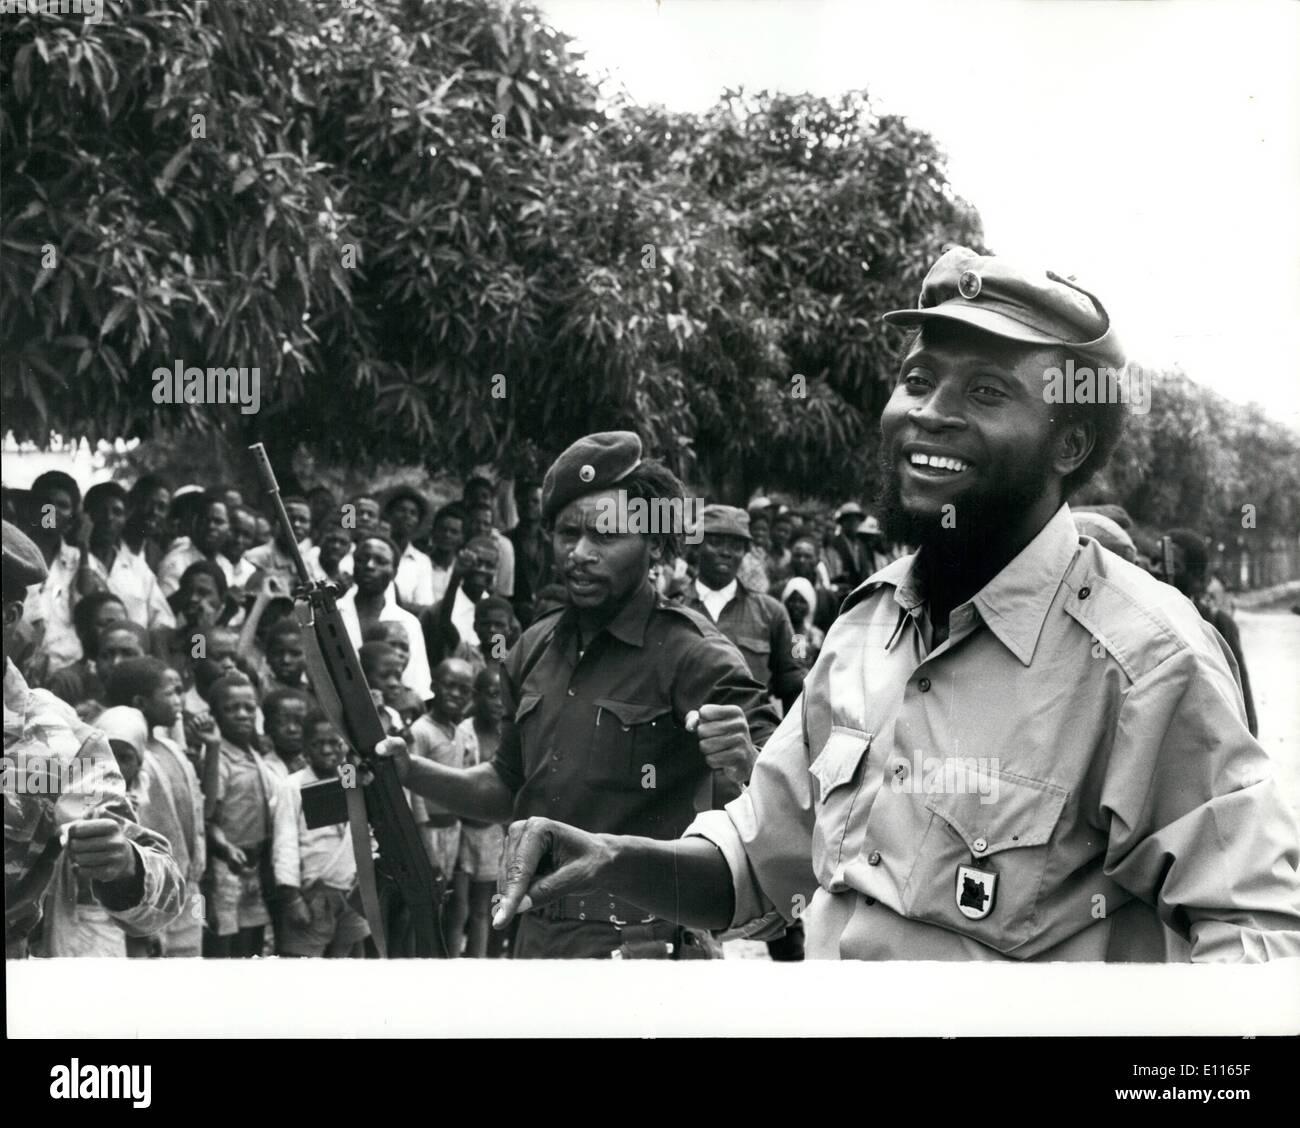 01 janvier 1976 - La ligne de défense de l'Unita brisé: Le peuple cubain-M.P.L.A. led Angelan le revendications des forces canadiennes ont brisé par une défense de l'Unita et a ouvert le 100 km sud lire de mettre en danger la capitale politique de l'Unita Huambo.Photo montre le Colonel Samuel Chiwale, commandant en chef des Forces armées de l'Unita vu bénéficiant d'une blague avec certains de ses troupes près de la ligne de front. Photo Stock